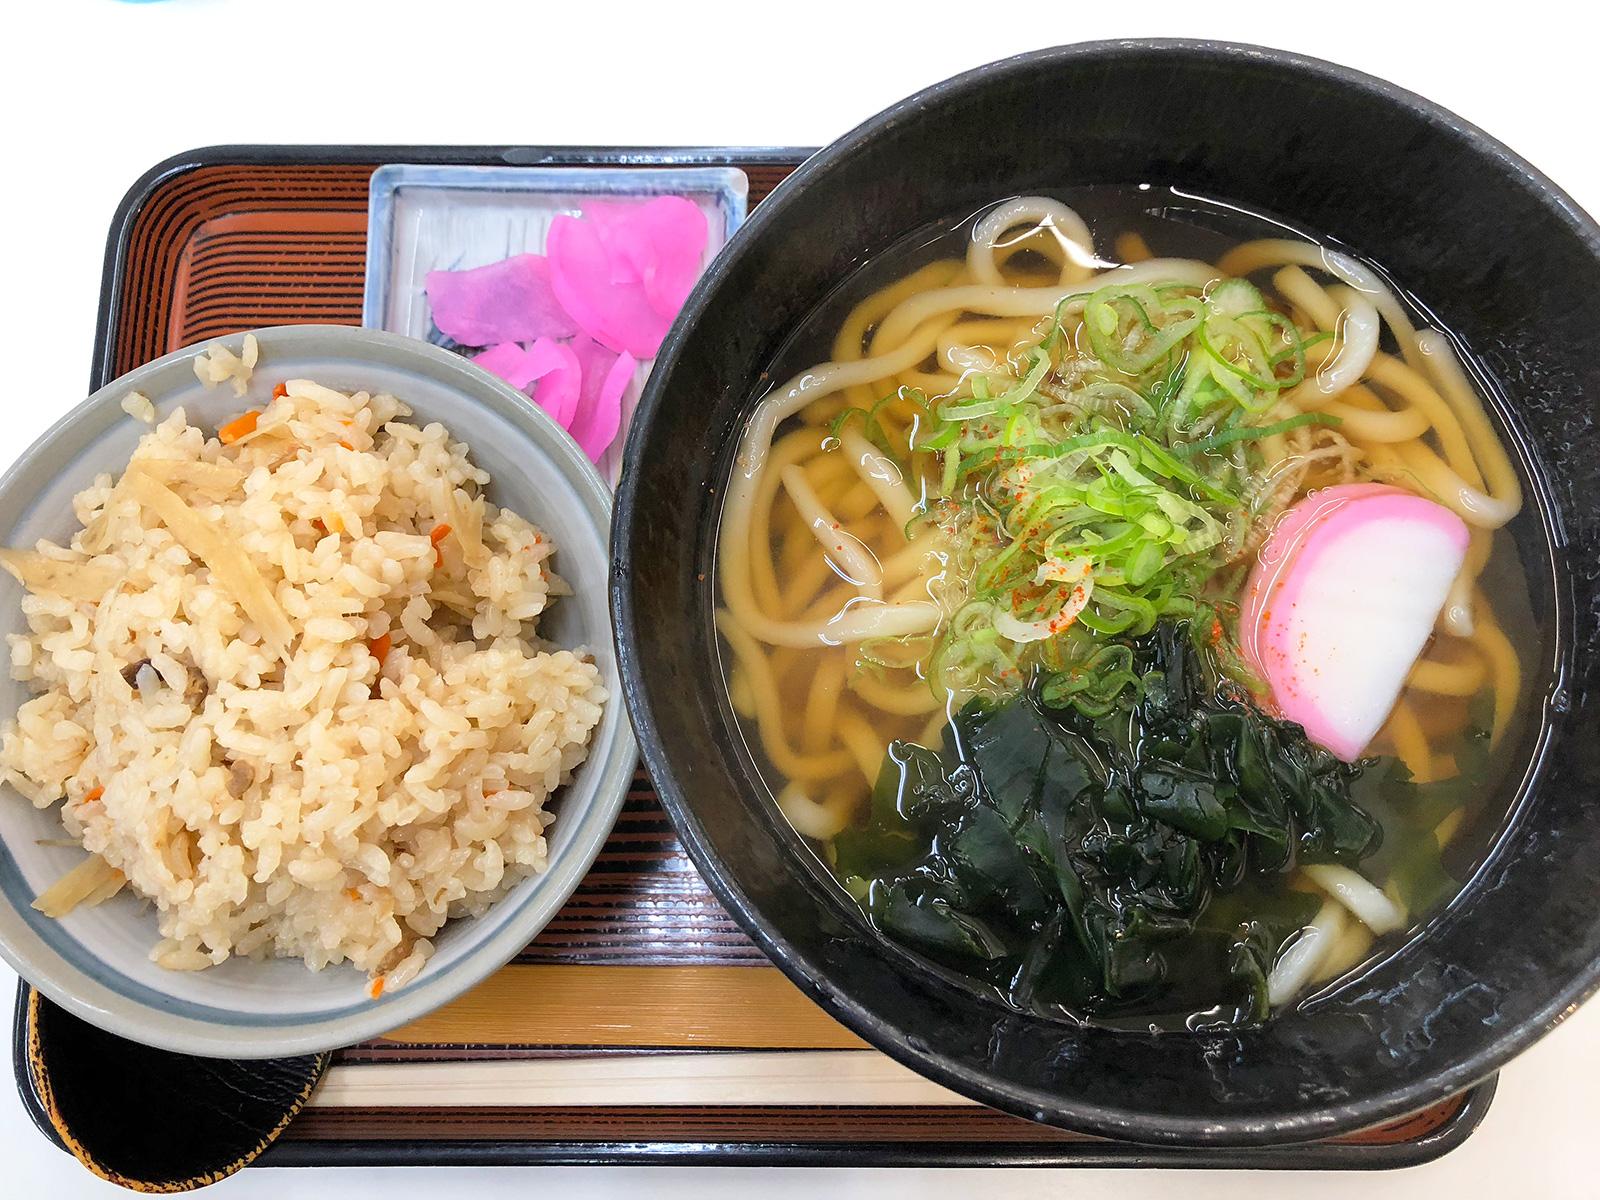 「むつみや」のうどんと五目ご飯のランチ @清須市下小田井